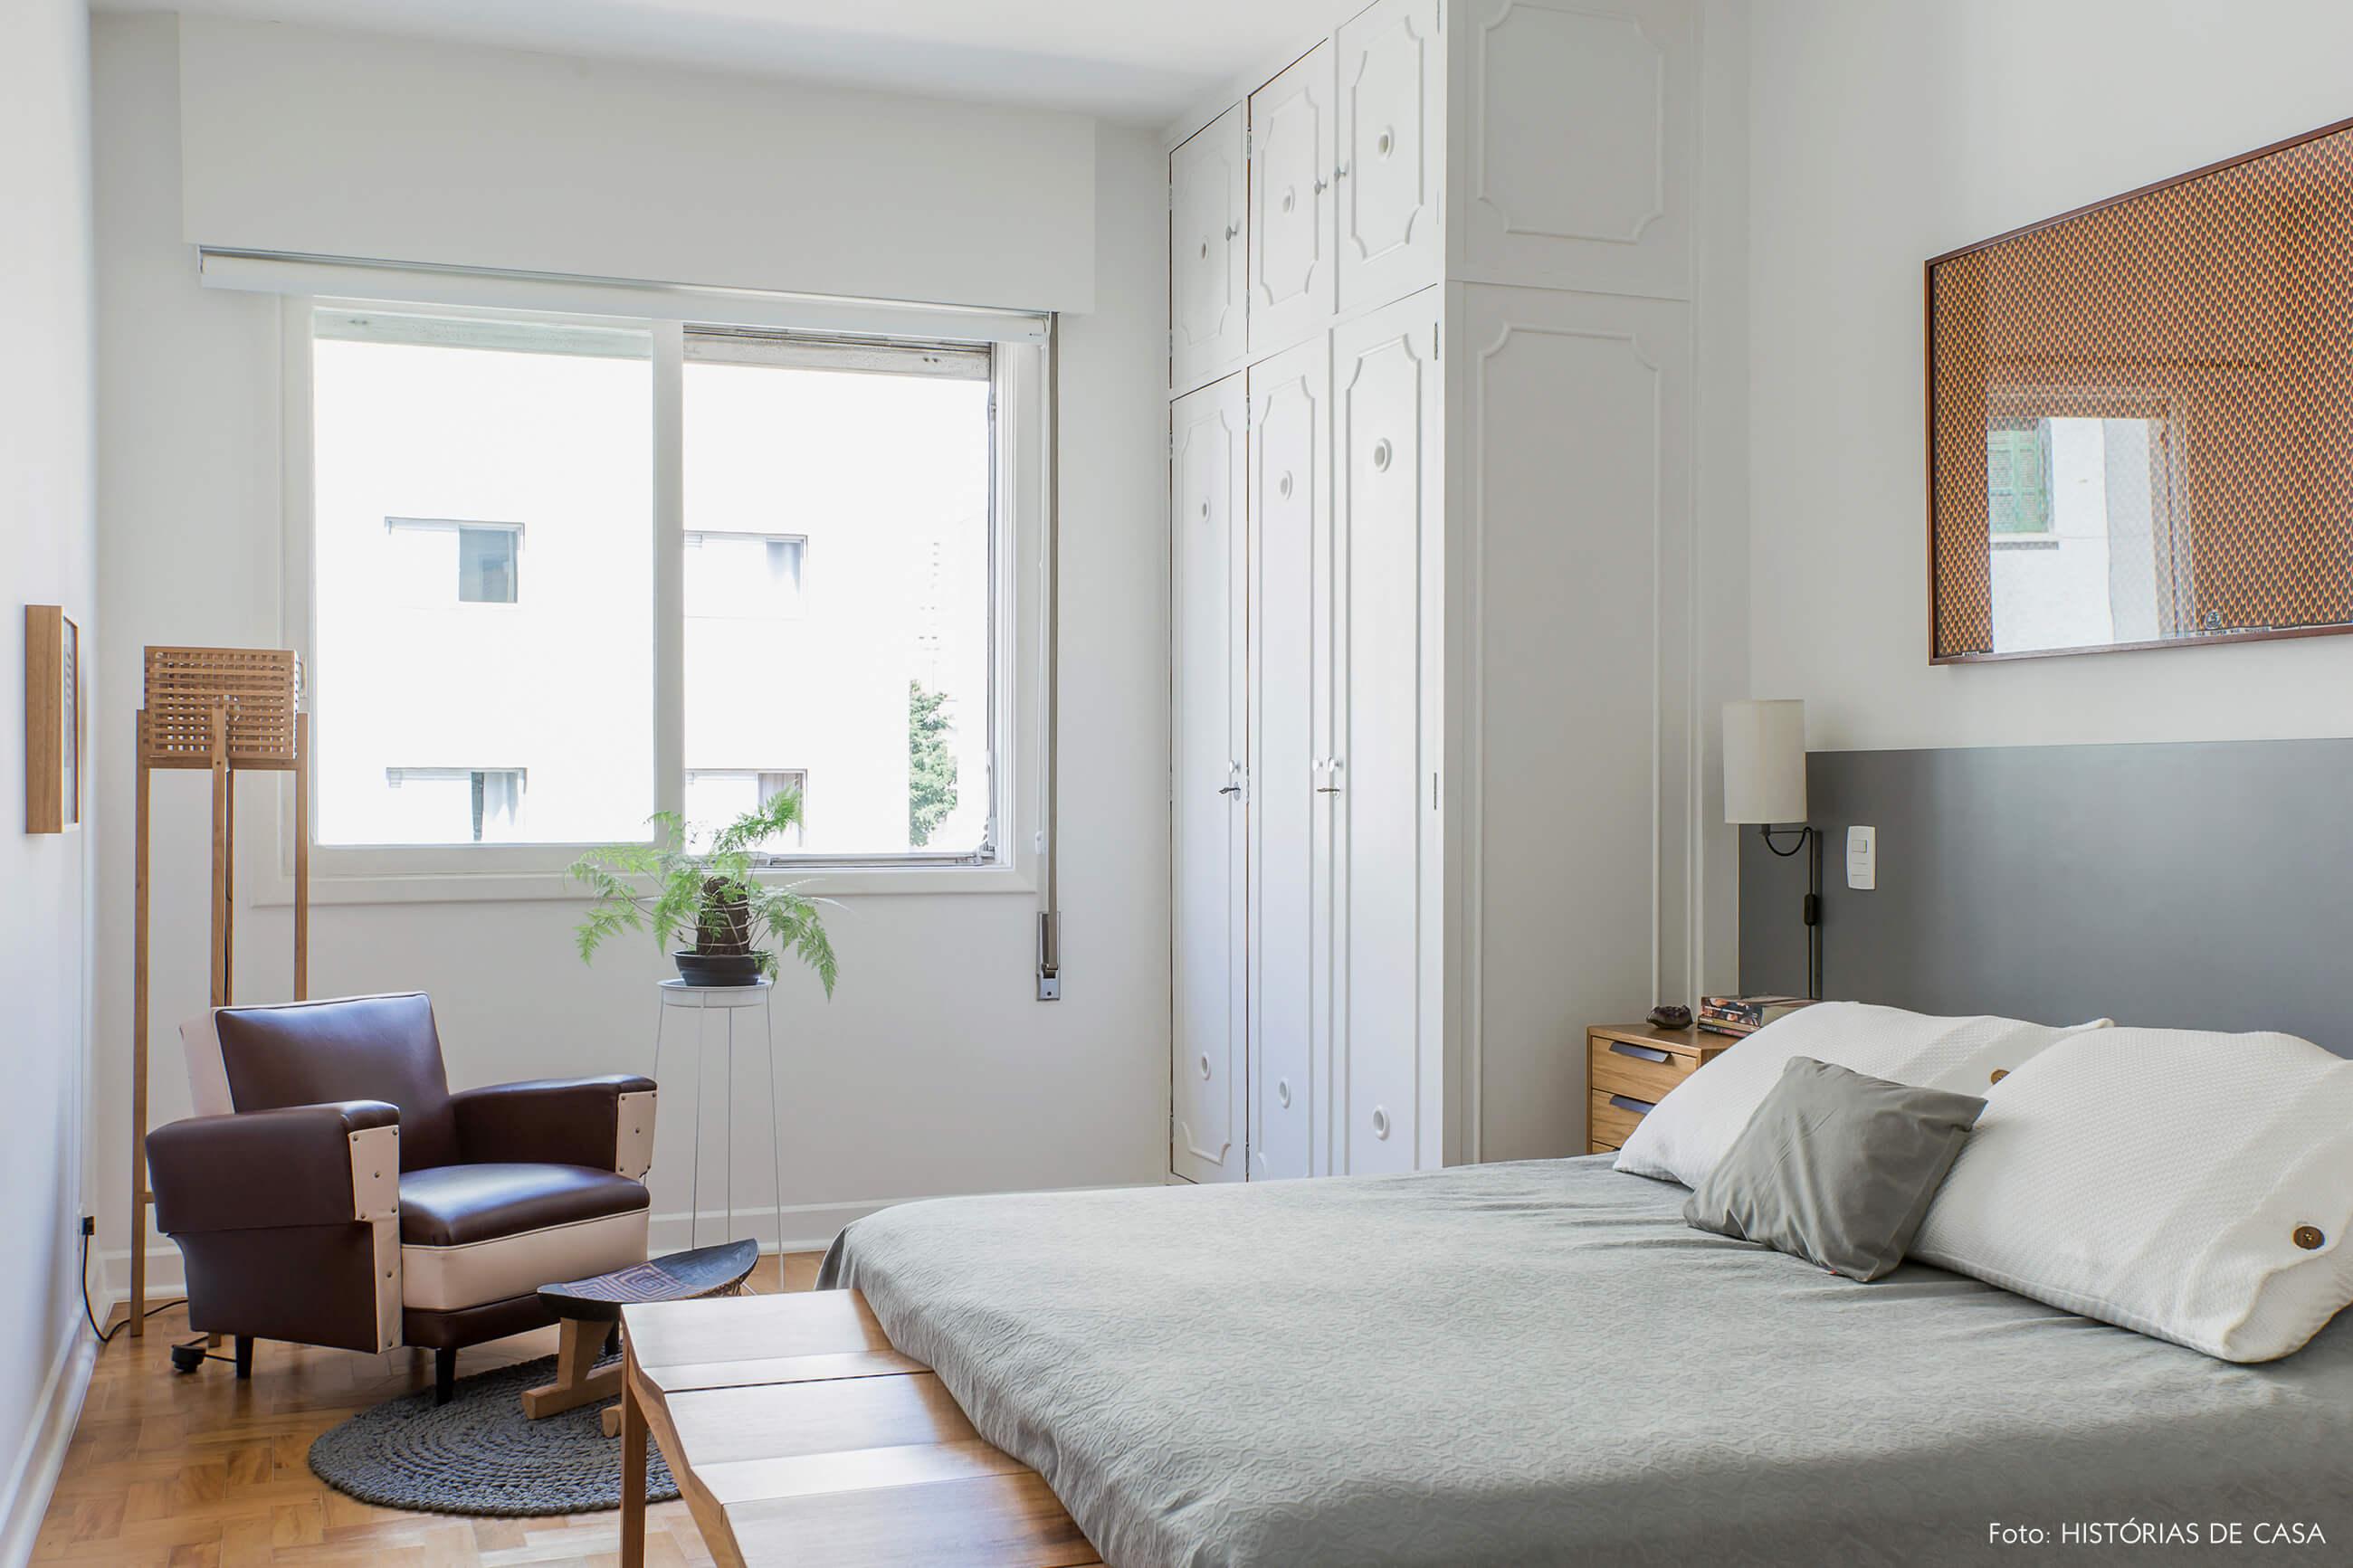 Quarto com armários antigos pintados de branco e detalhes em cinza